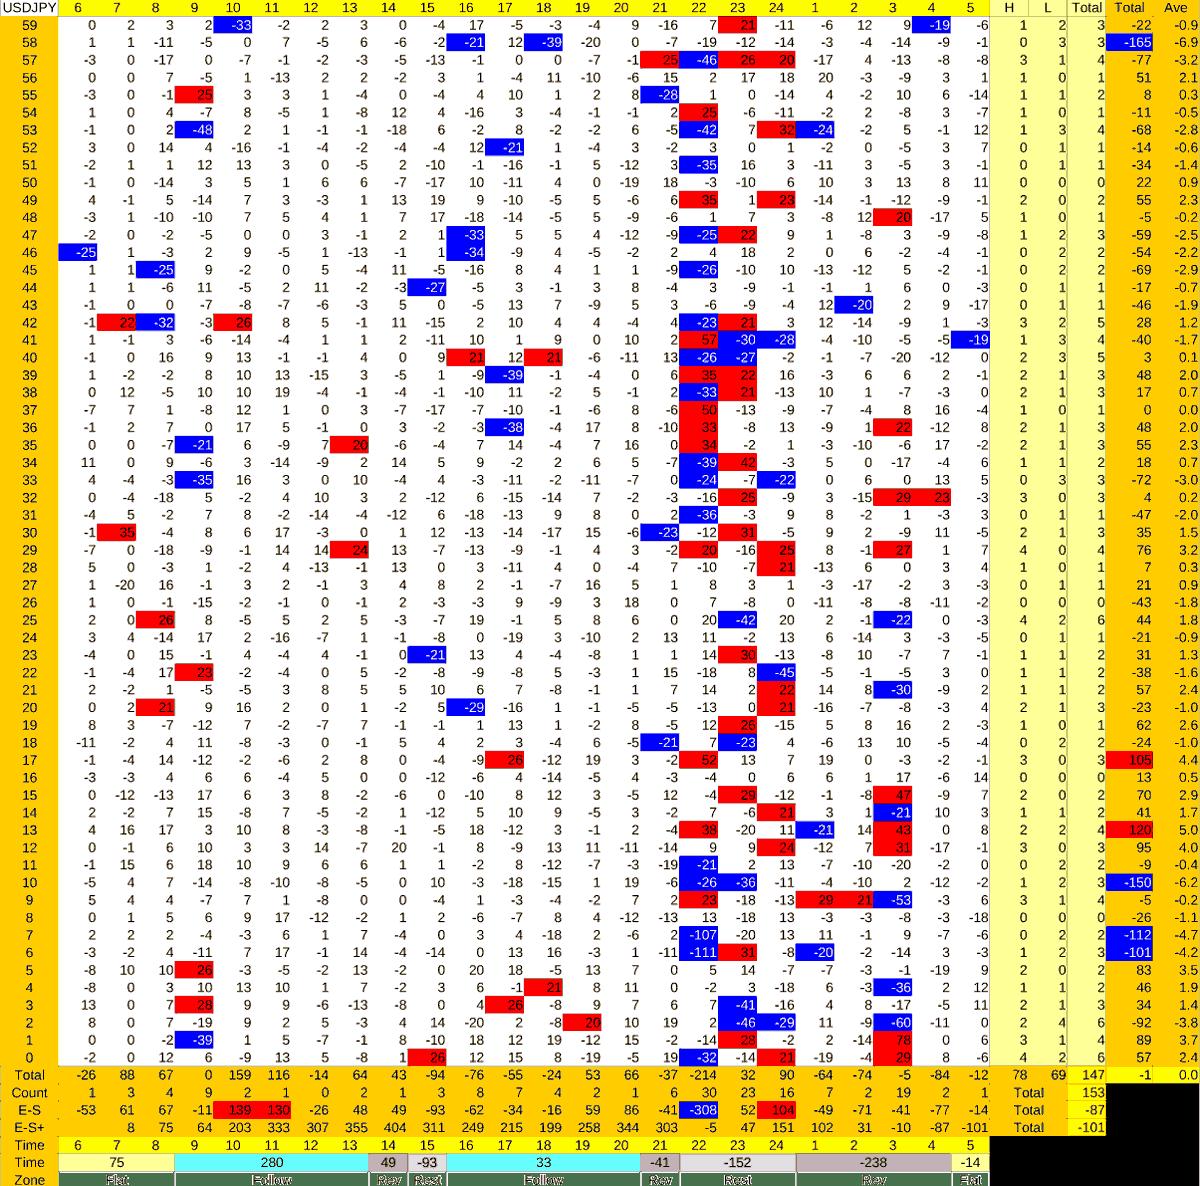 20210310_HS(1)USDJPY